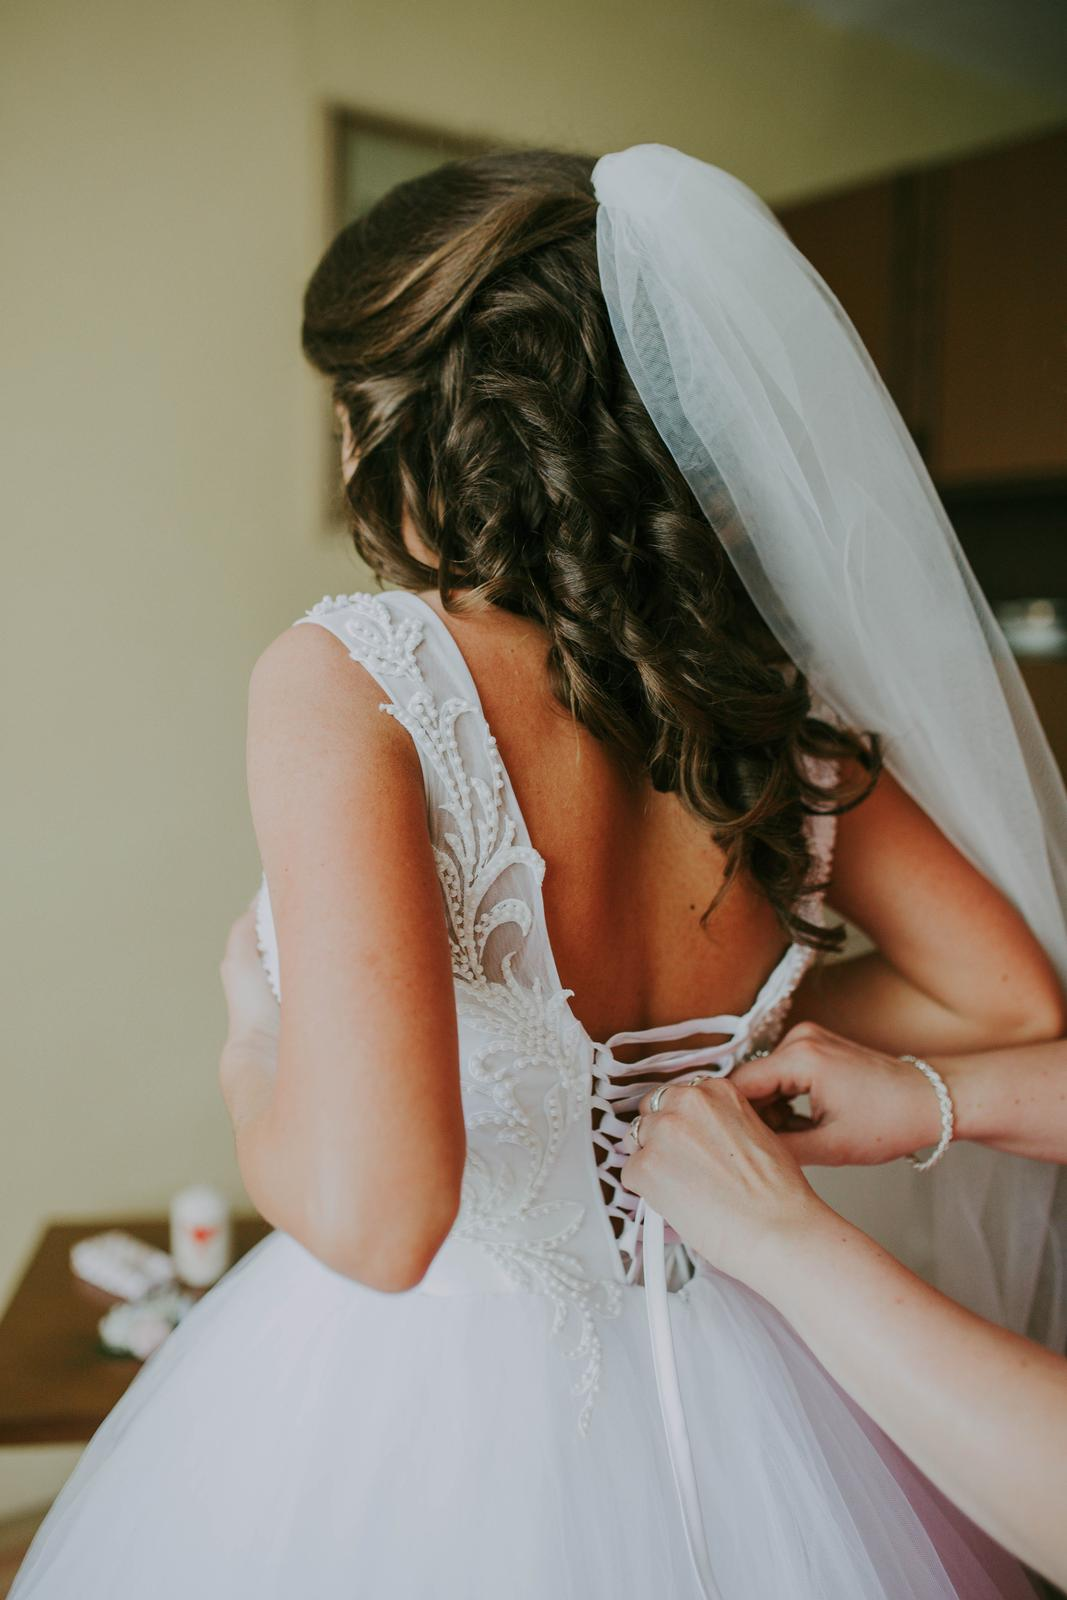 Snehovo biele svadobné šaty - Obrázok č. 4